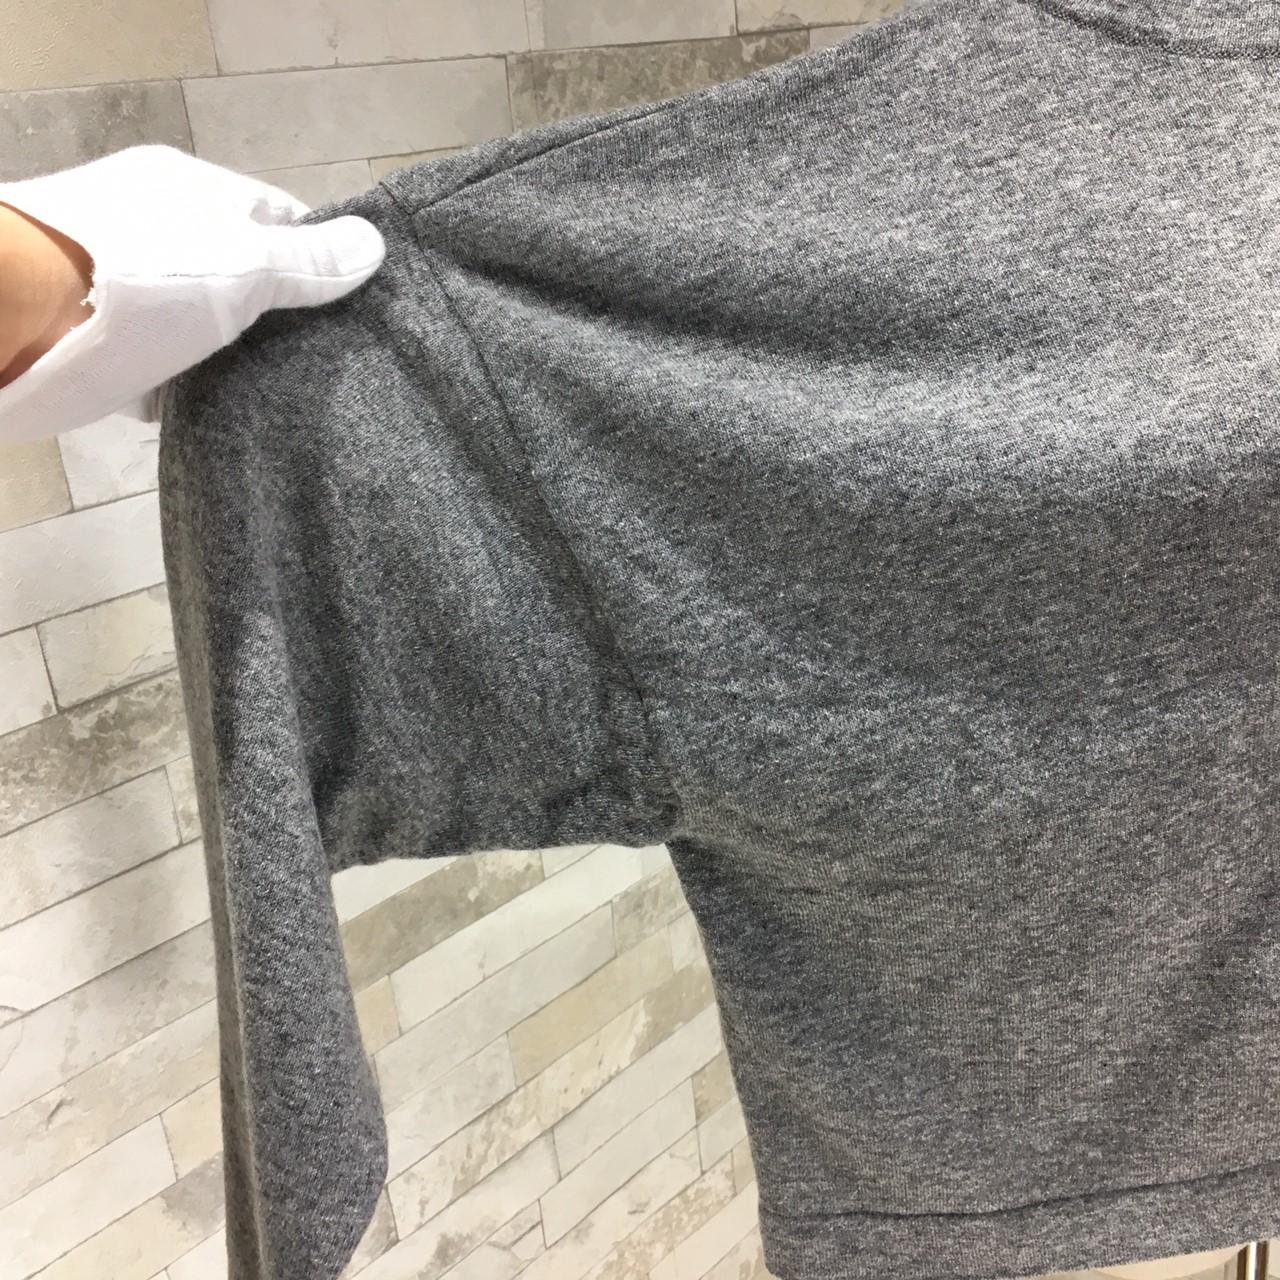 【即納】韓国 ファッション トップス ニット セーター 秋 冬 カジュアル SPTXH221  ビッグシルエット リブ ベーシック 着回し オルチャン シンプル 定番 セレカジの写真11枚目